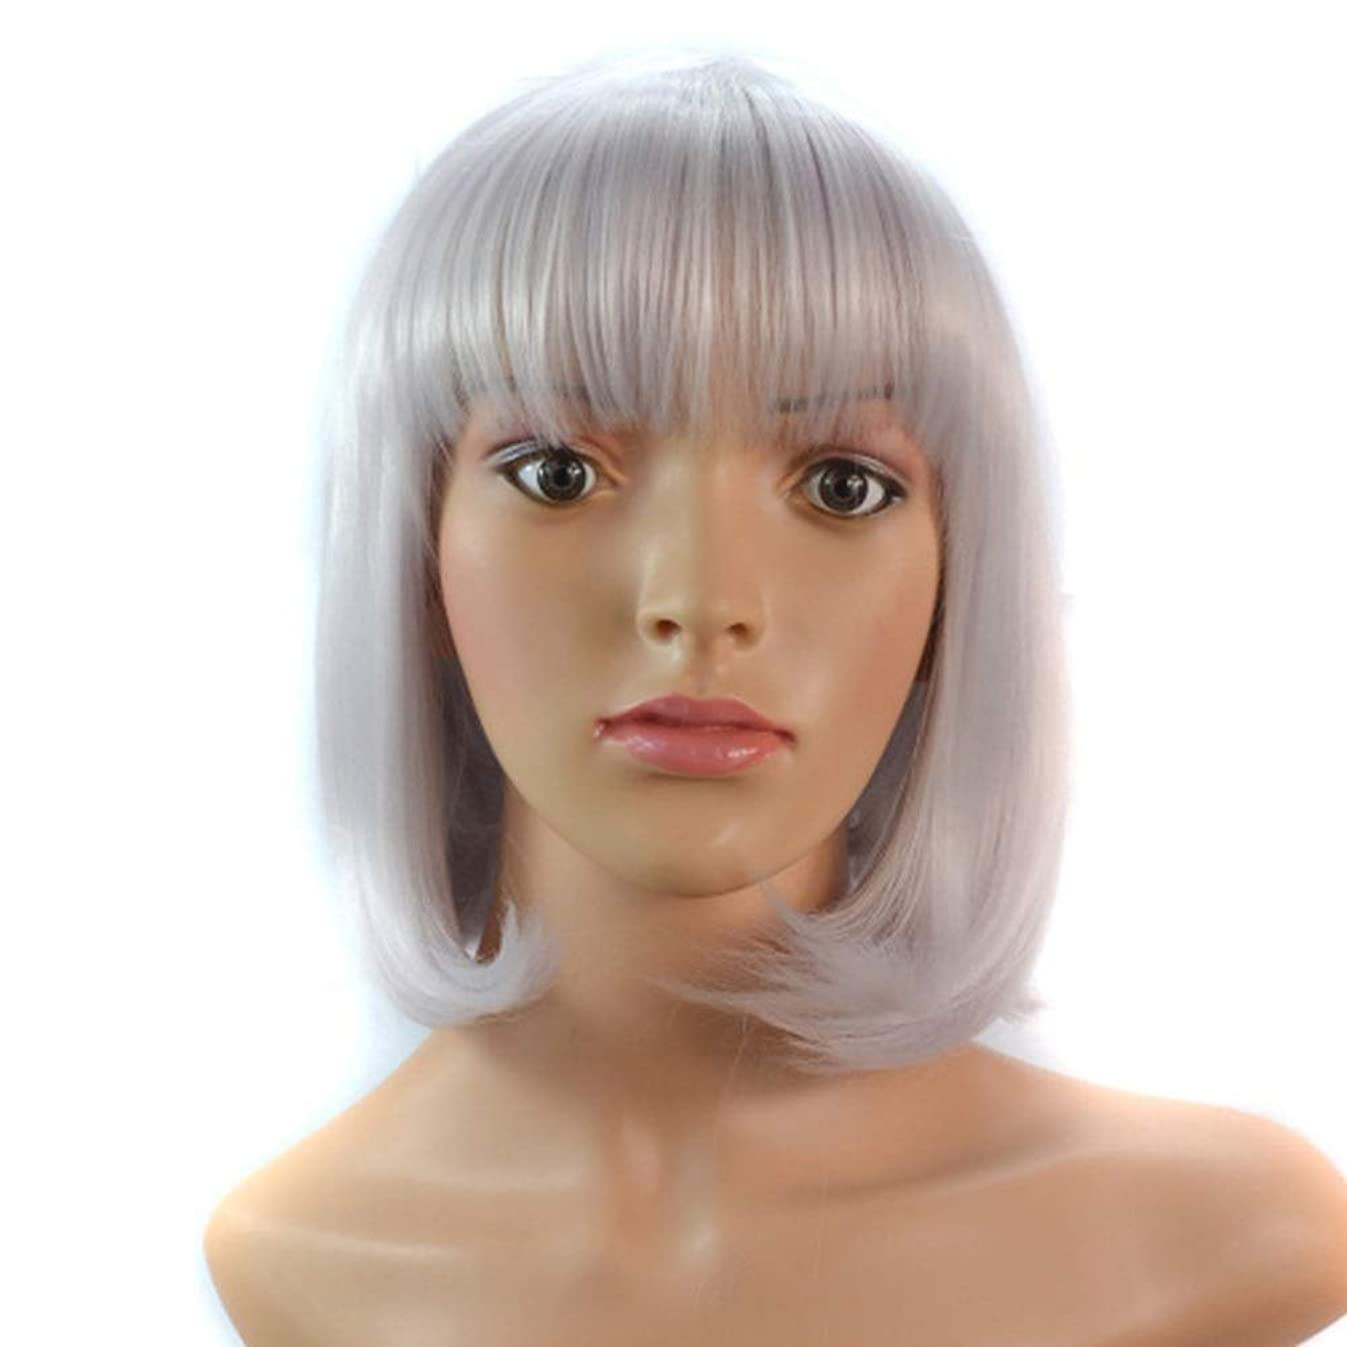 消す農夫ボアHOHYLLYA 女性のストレートショートボブスタイリッシュな耐熱合成シルバーホワイトカラーフルヘアウィッグと前髪パーティーウィッグ (色 : Silver white, サイズ : 40cm)